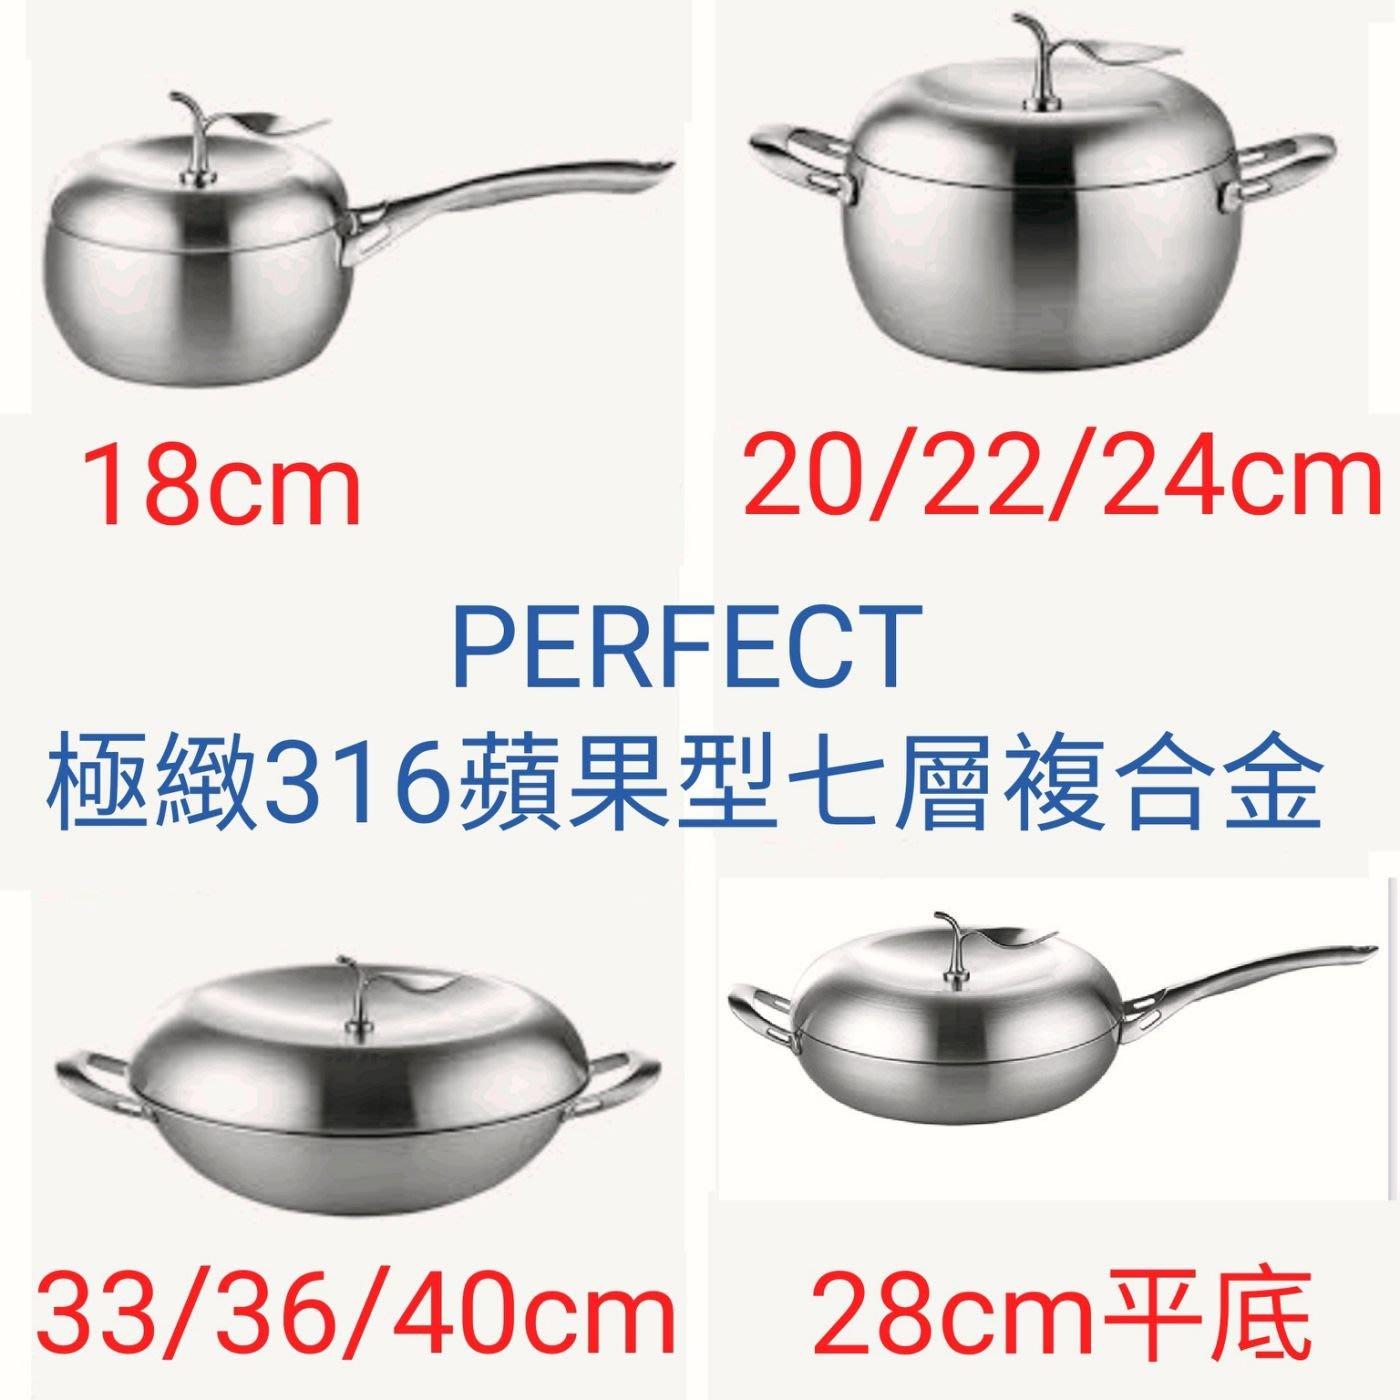 PERFECT理想/極緻316蘋果型七層複合金湯鍋/18cm單柄/煲湯鍋/台灣製